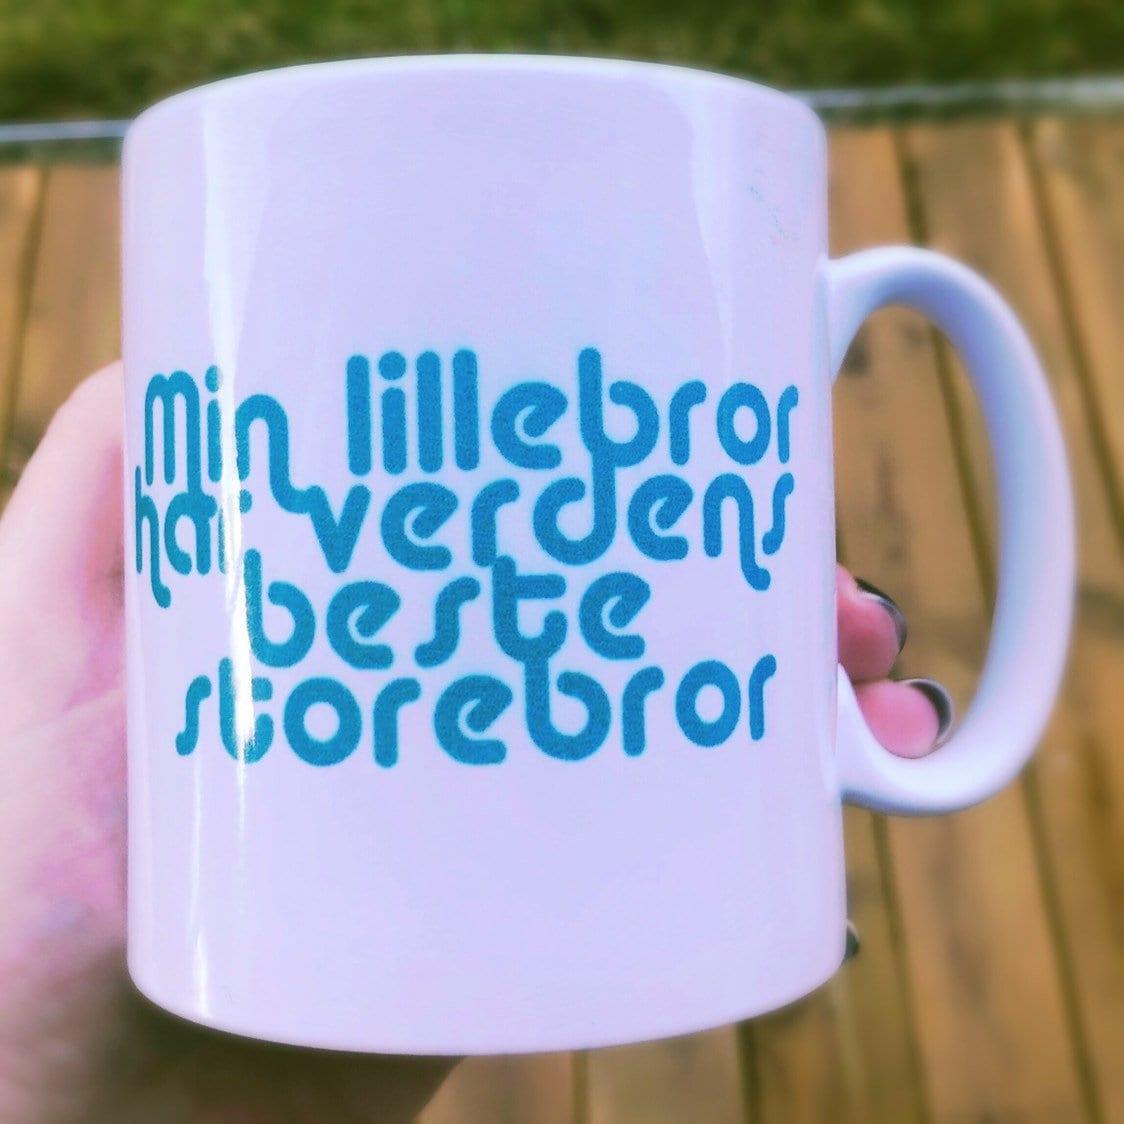 15d4db52aa4 Personalized big brother Mug - Mug - kids gift - boy gift - Cups - coco mug  - your name - animal - unicorn - animals - Girl gift - unicorn